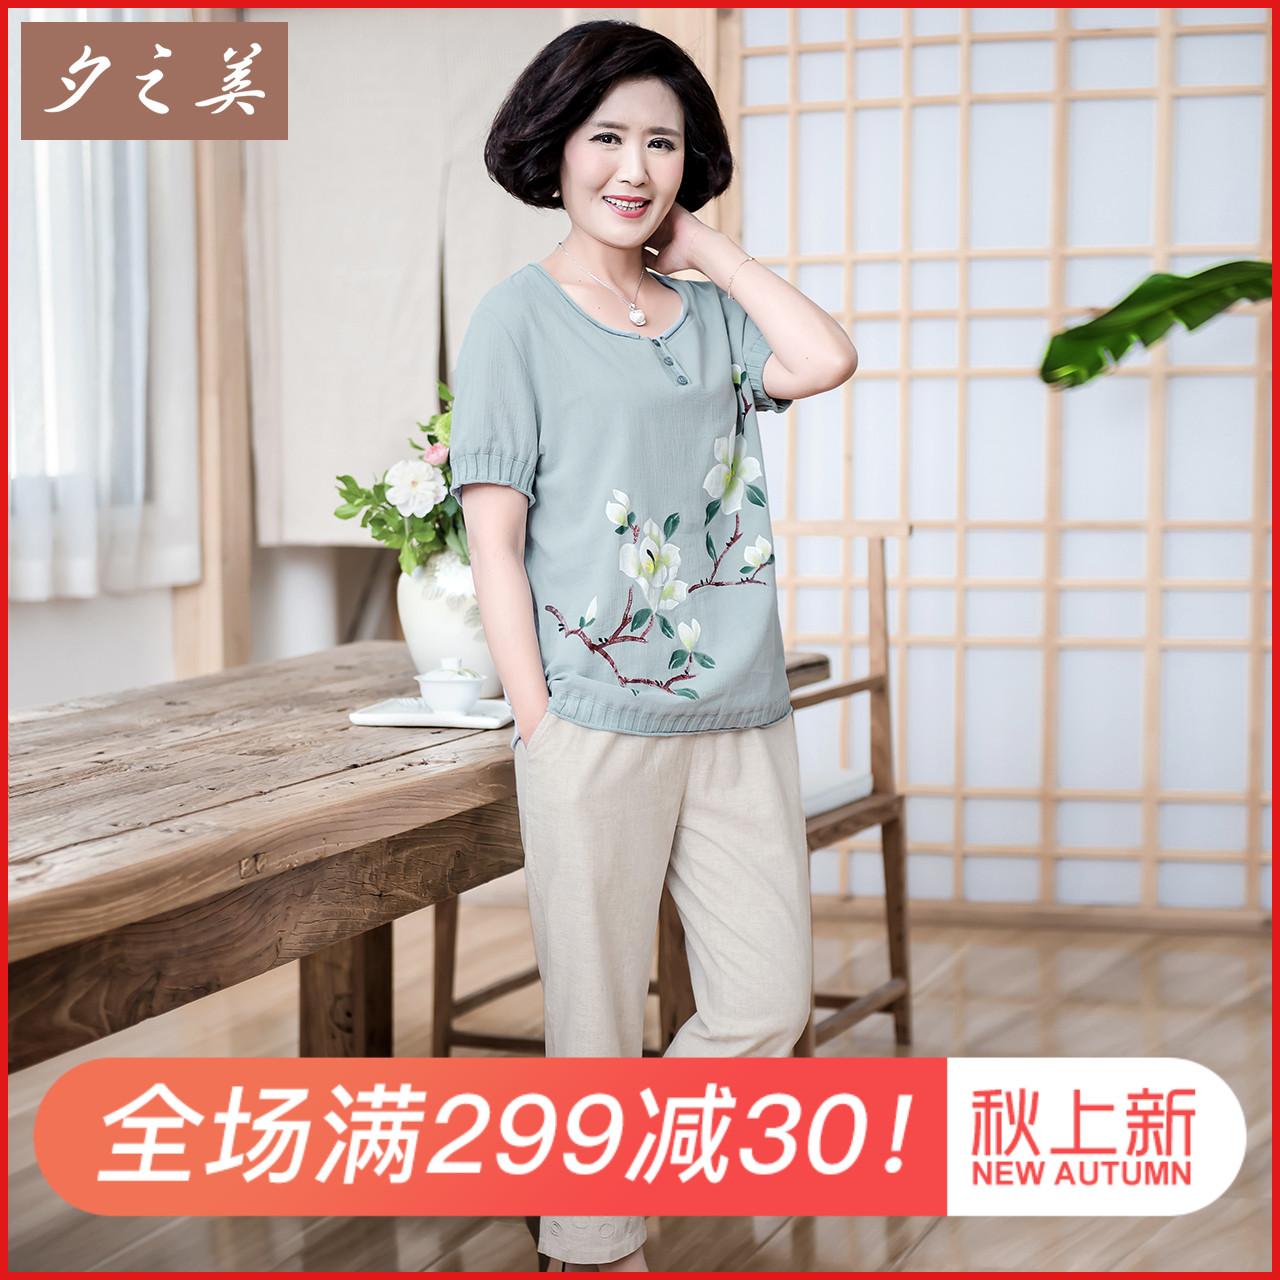 妈妈装夏季套装中老年女装纯棉麻短袖T恤亚麻裤子老人奶奶衣服装